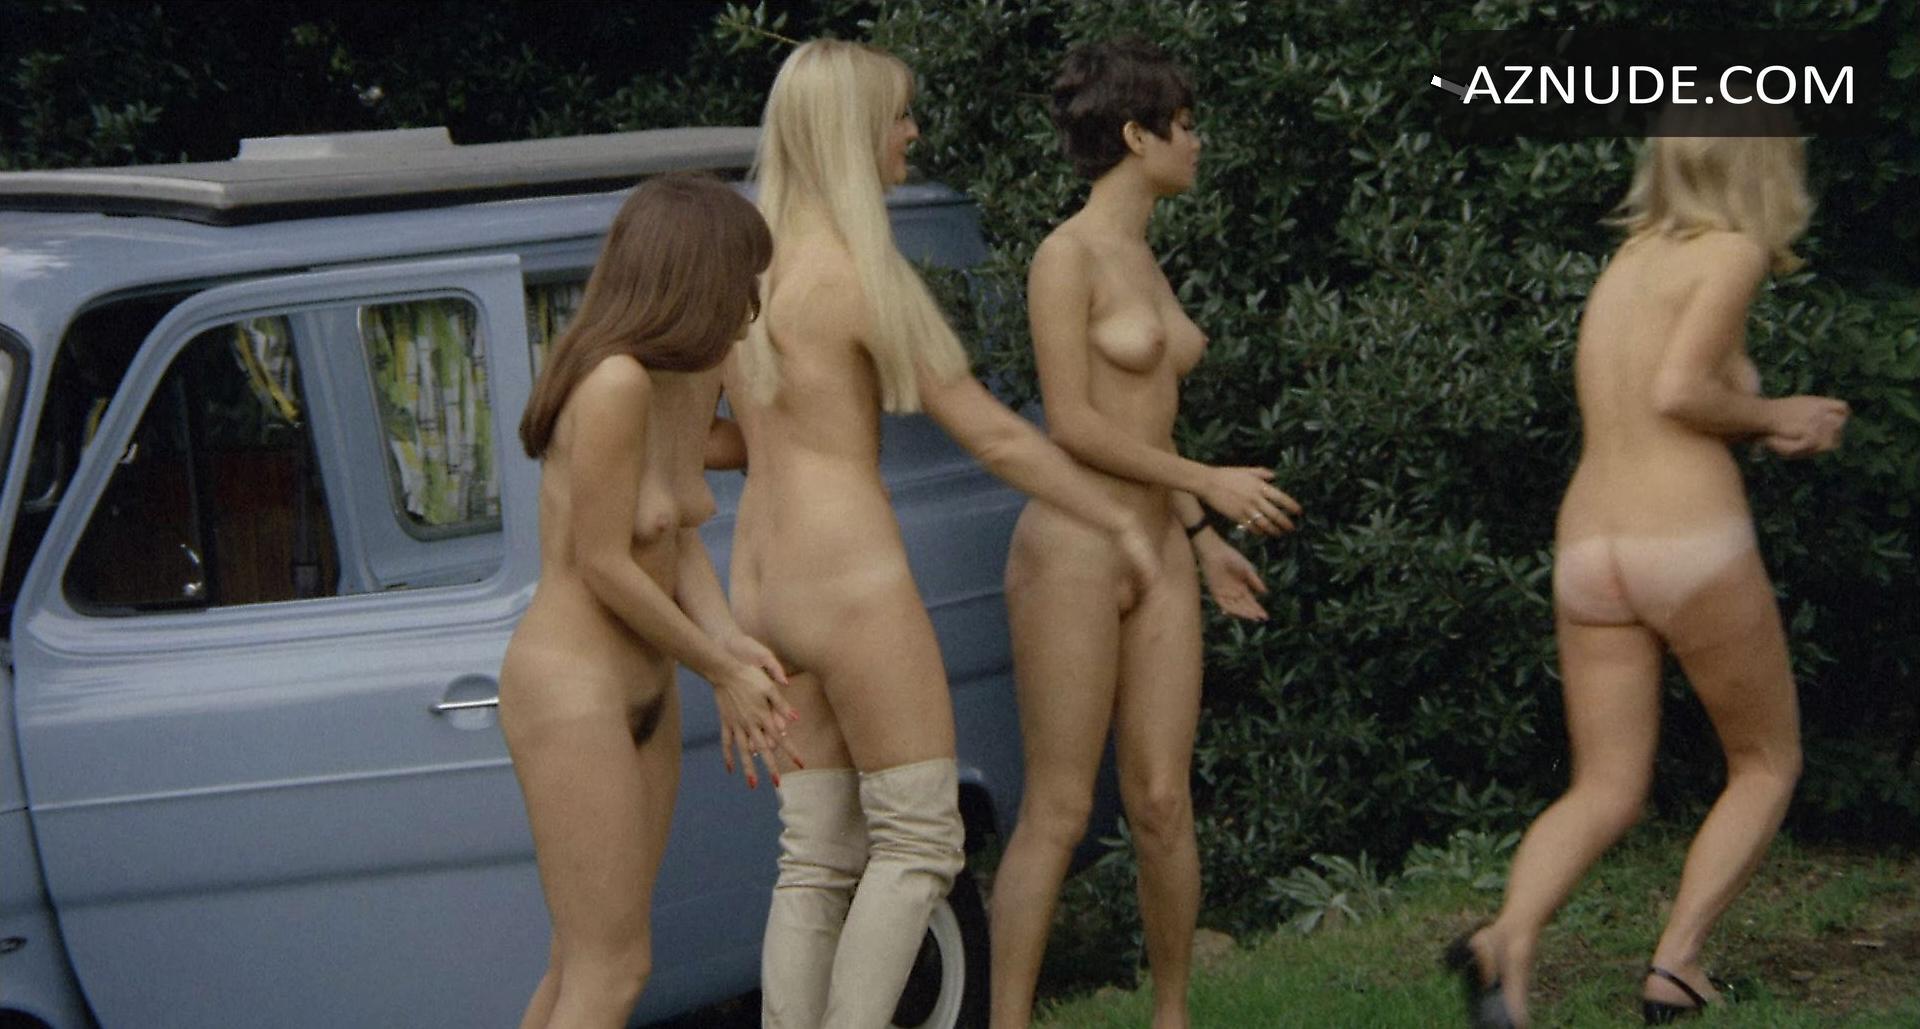 She nude school d'un couple